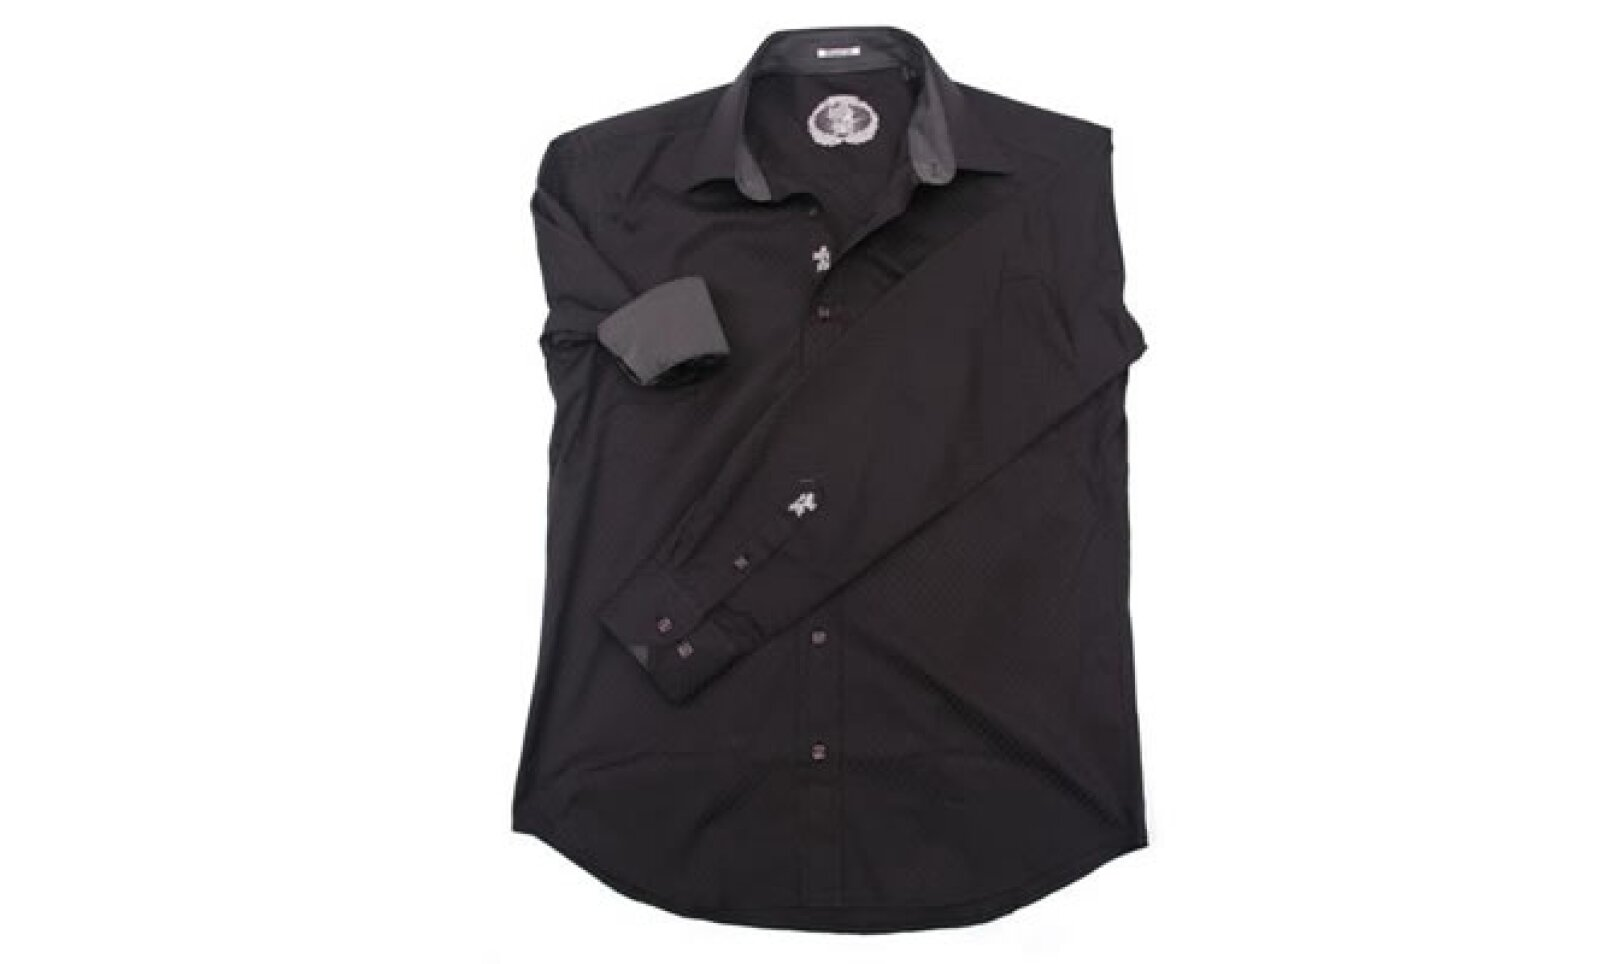 El negro es otro color clásico que no pasa de moda, representa elegancia, misterio, fuerza, formalidad, fortaleza y poder.